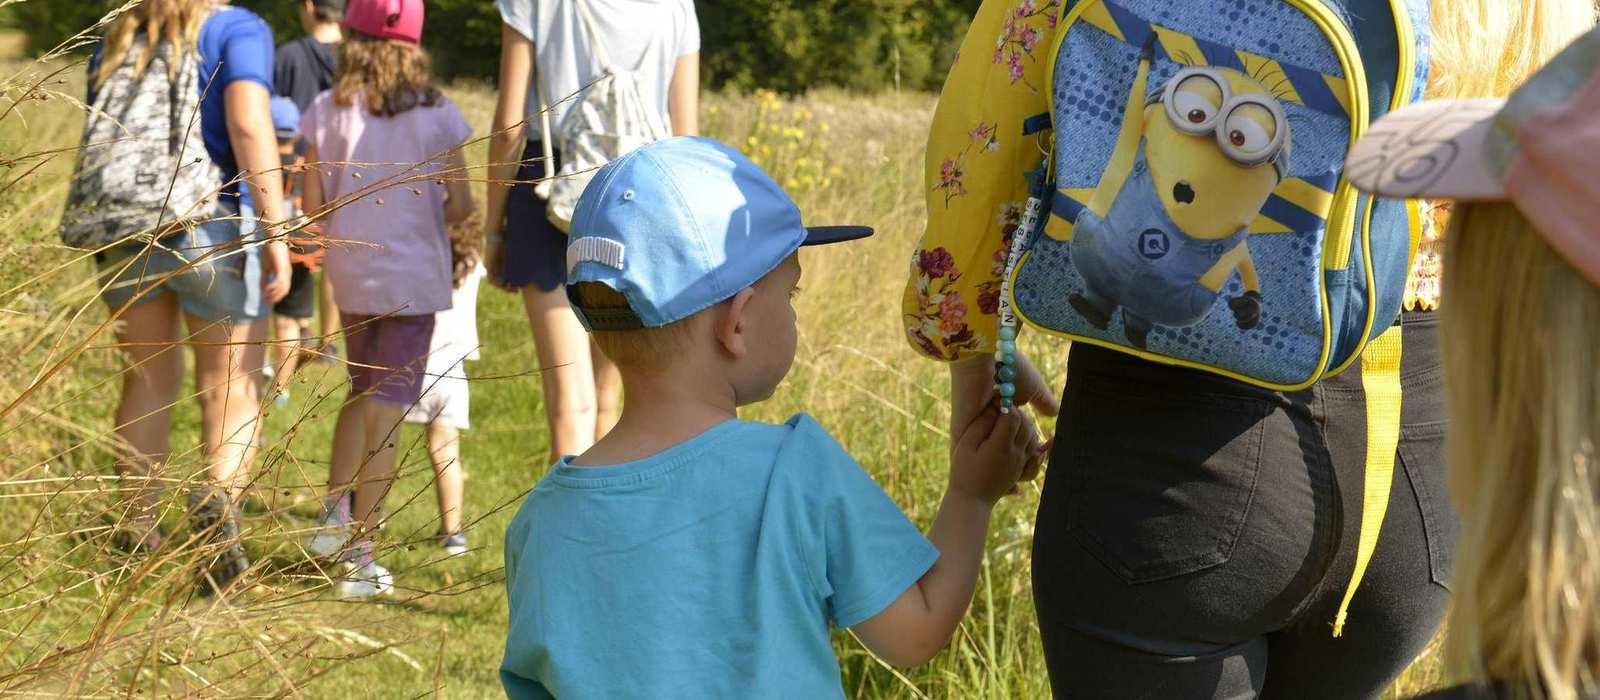 Ausflug von Kindern und Betreuungspersonal auf einer sonnigen Waldwiese. Im Hintergrund stehen Bäume.